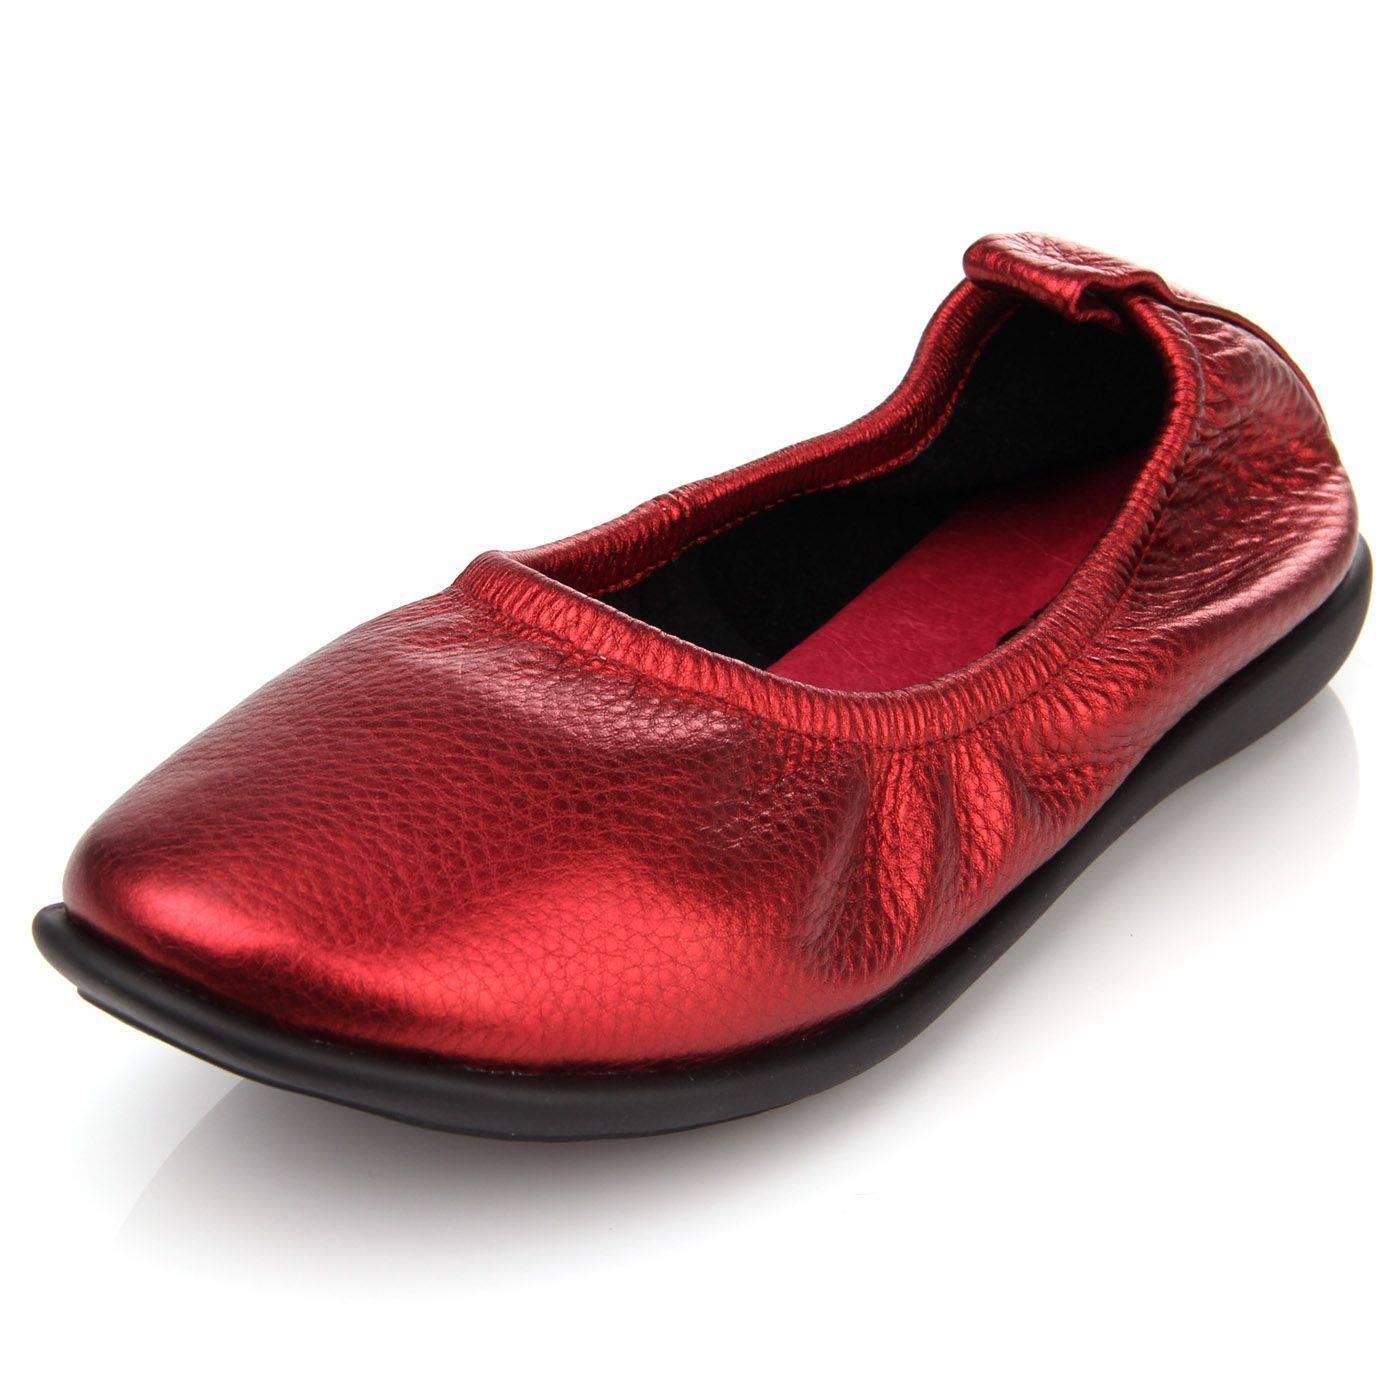 06bf26bd7101 Балетки женские ditto 4883 Красный купить по выгодной цене в ...